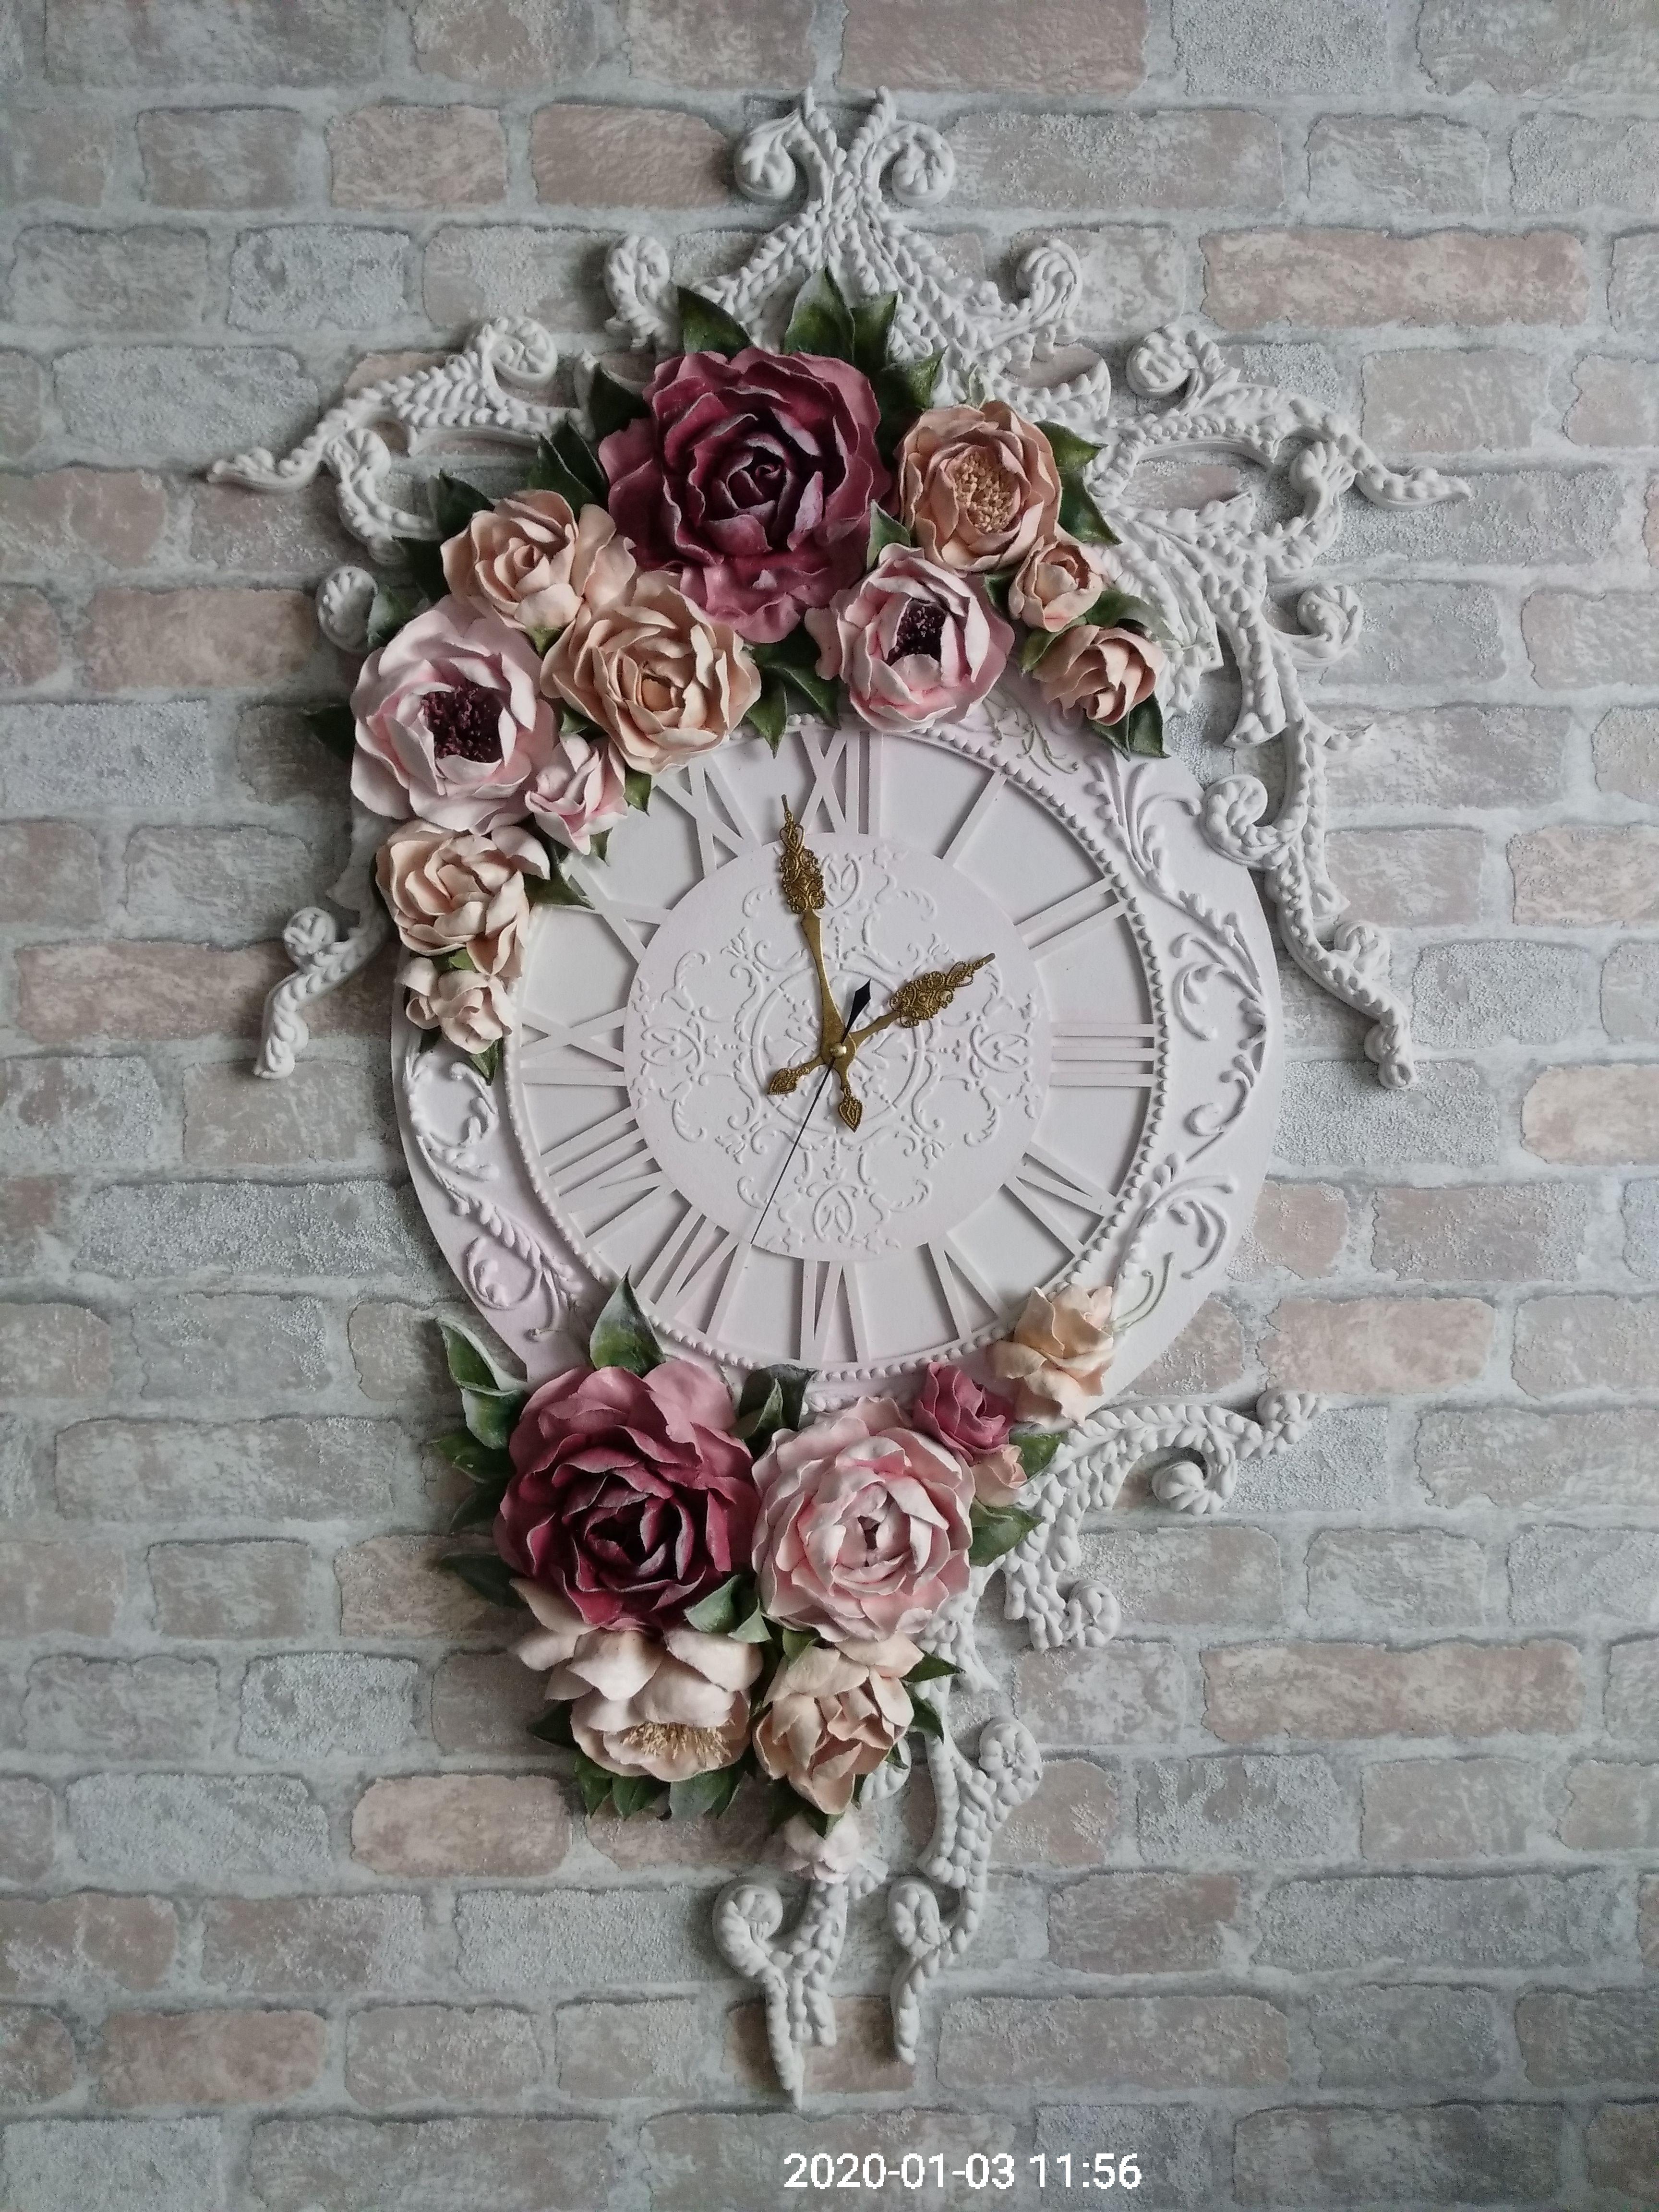 подарок работа ручная уют интерьер прованс дизайн настенные часы шеббишик